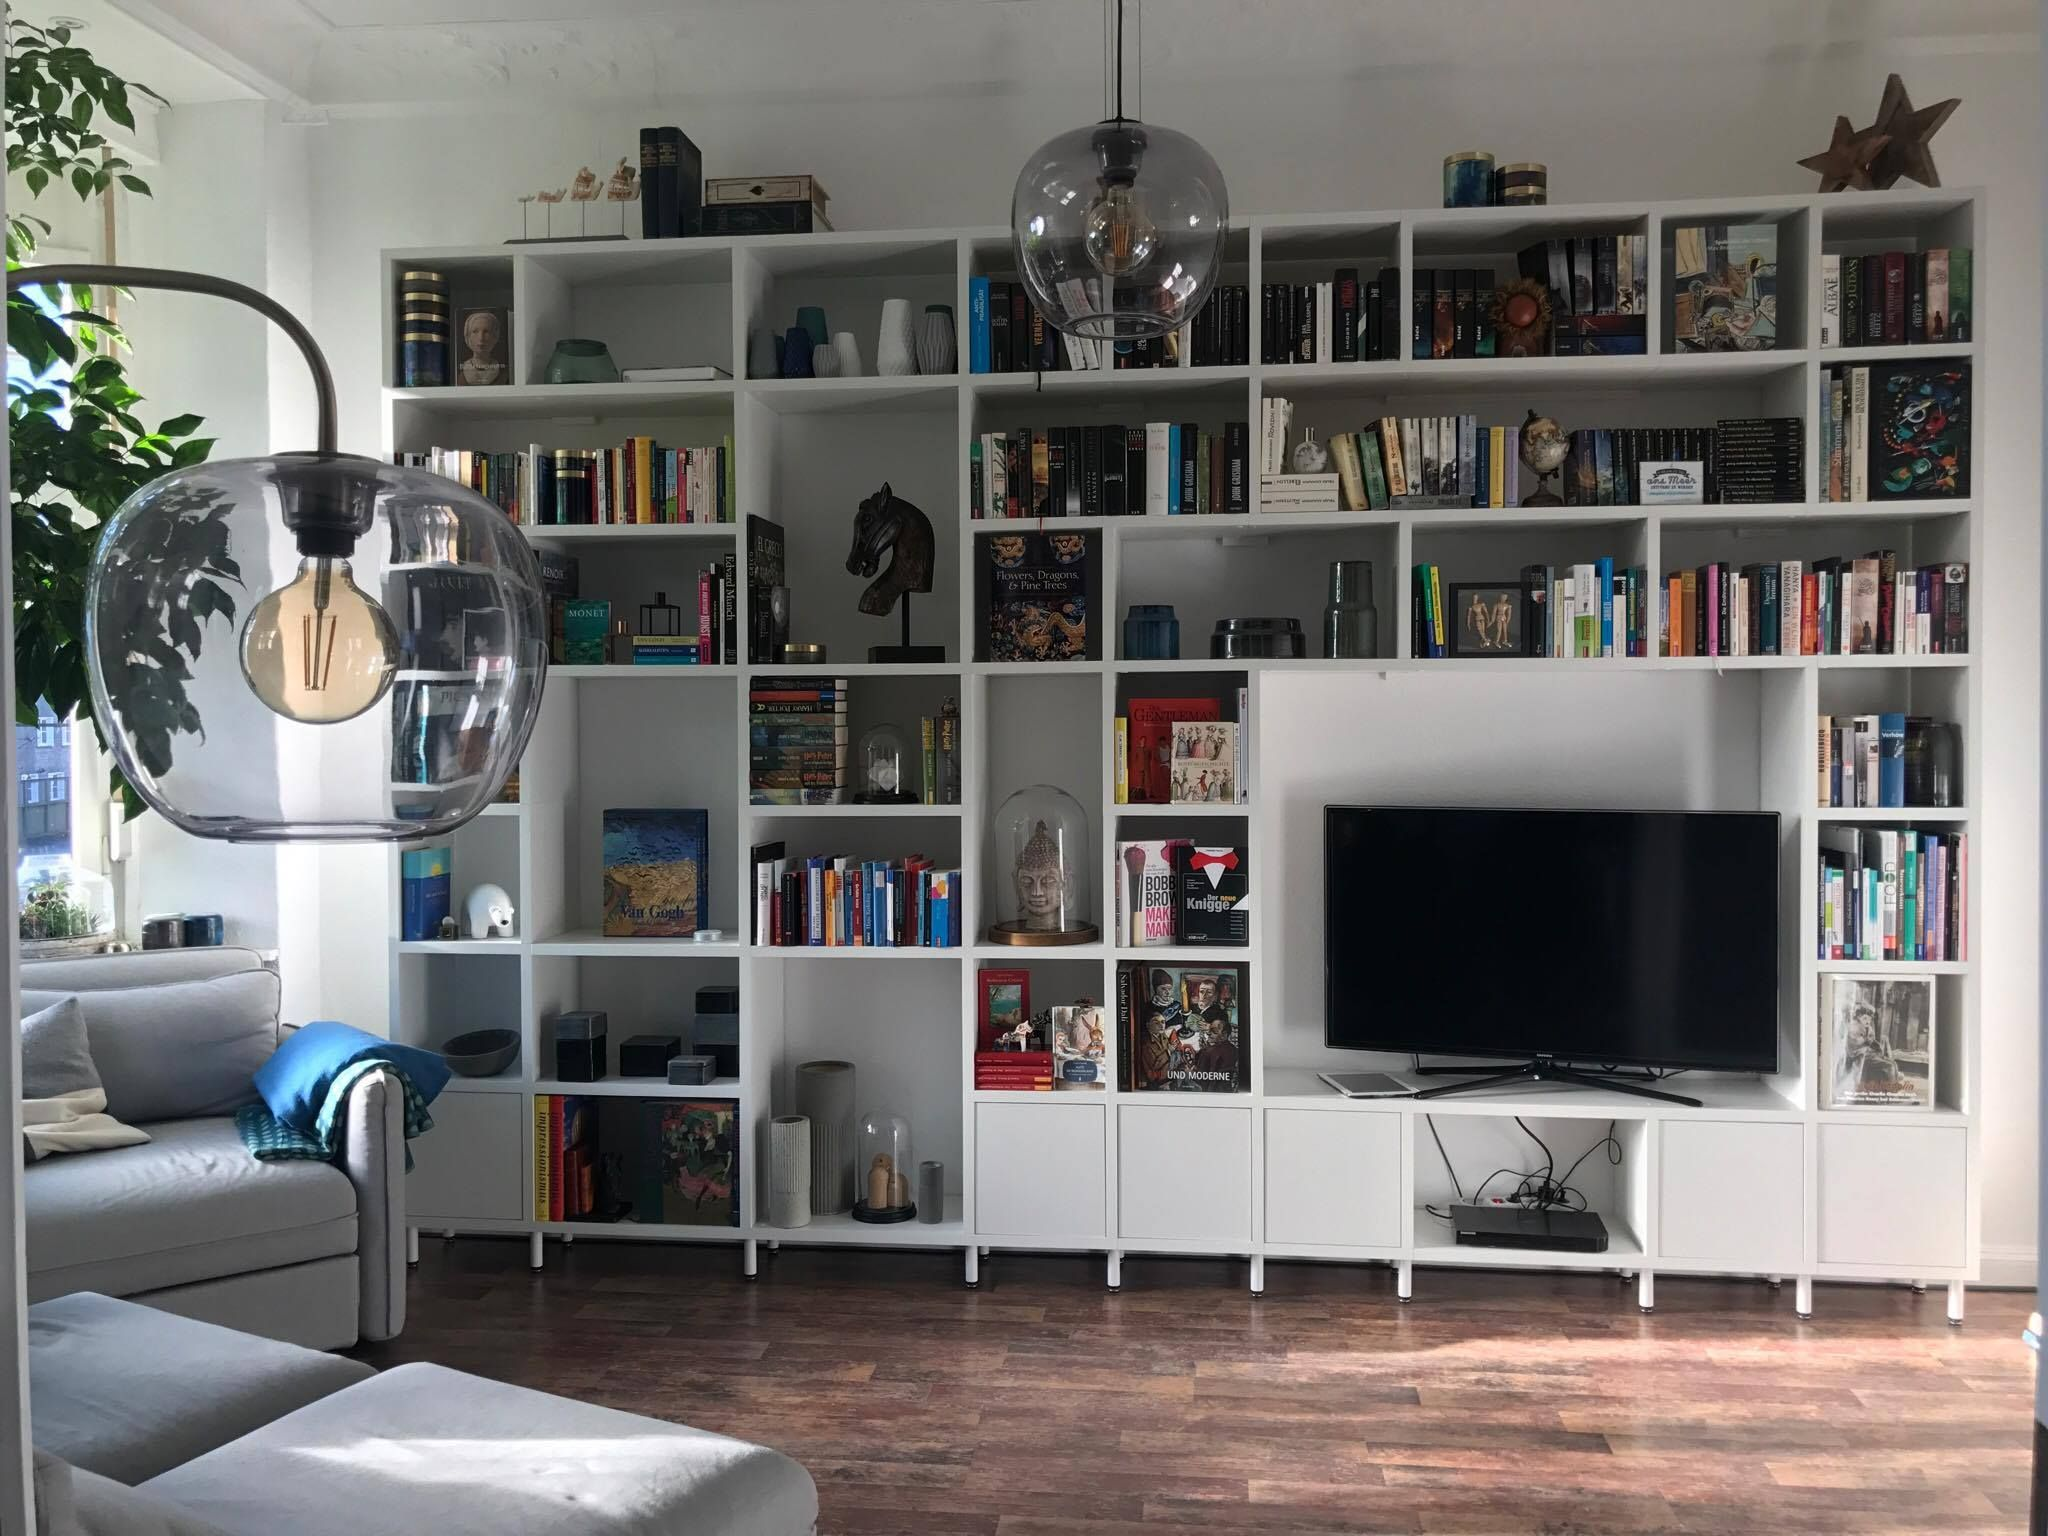 Pin auf Regalraum   Wohnzimmerregal